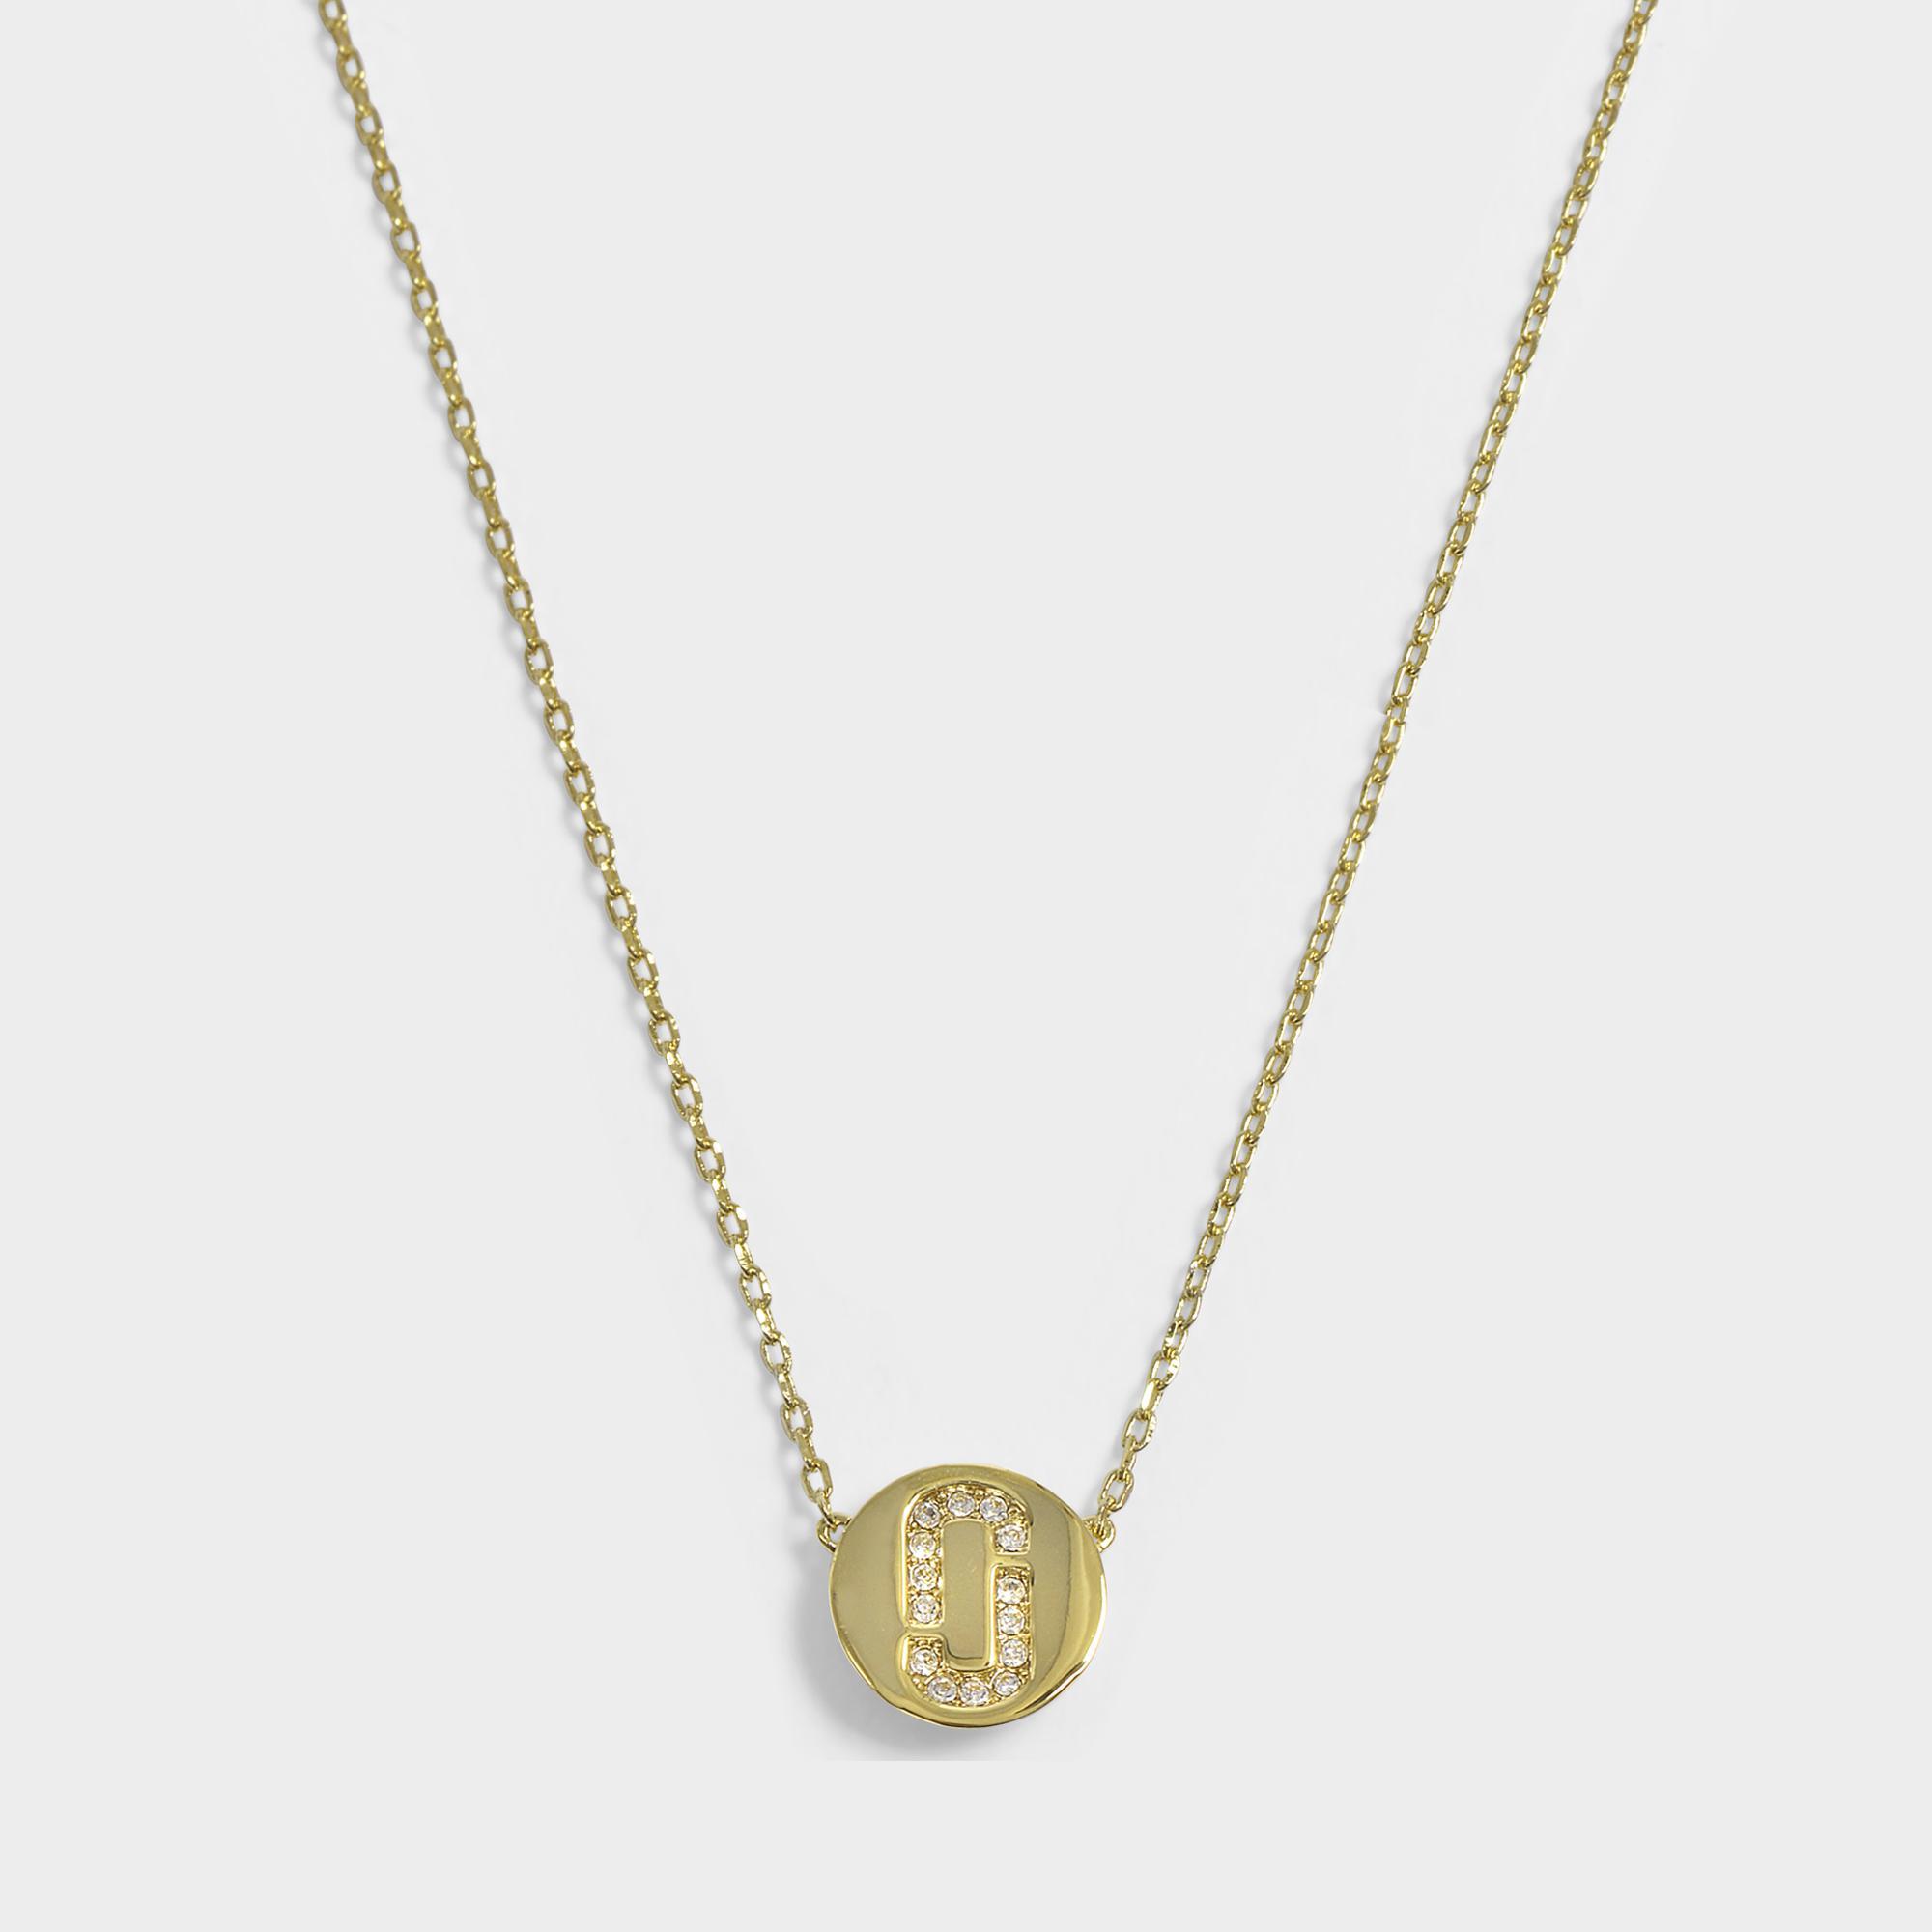 Marc Jacobs Double J Pave pendant necklace - Metallic u1QdJ8959e